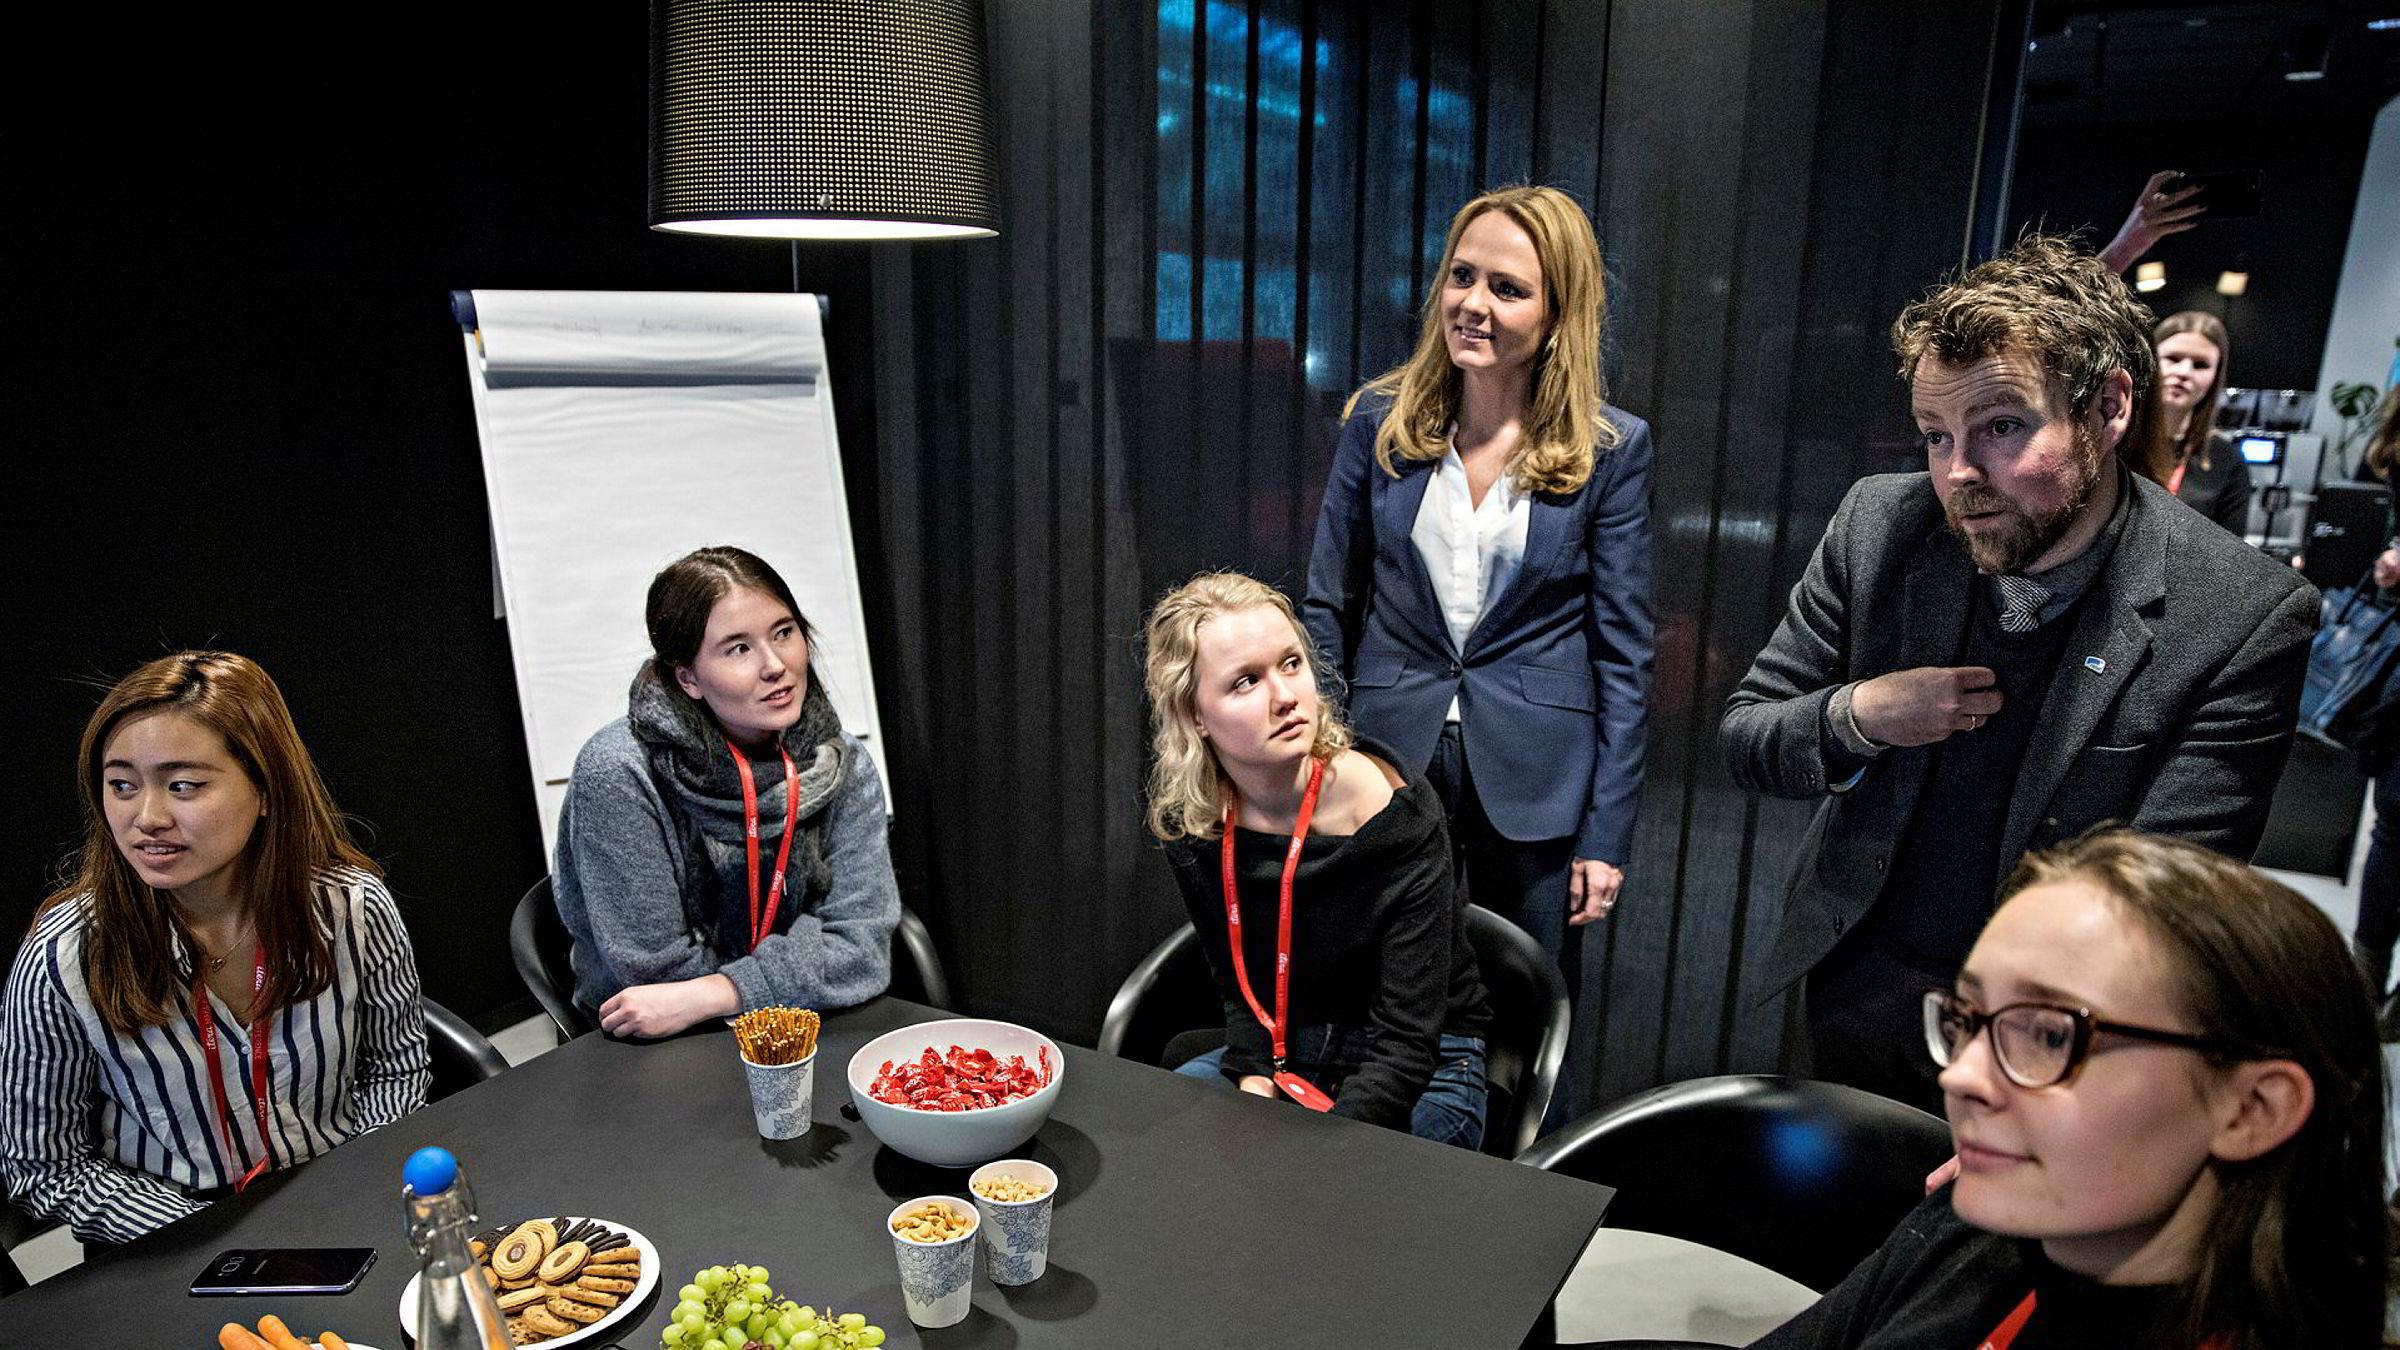 Næringsminister Torbjørn Røe Isaksen (H) og barne- og likestillingsminister Linda Hofstad Helleland (H) diskuterer med NTNU-studentene Nina Duong (fra venstre), Katarina Murphy, Birgitte Swensson og Alis Wiken Wilson som var på bedriftsbesøk i Oslo denne uken.